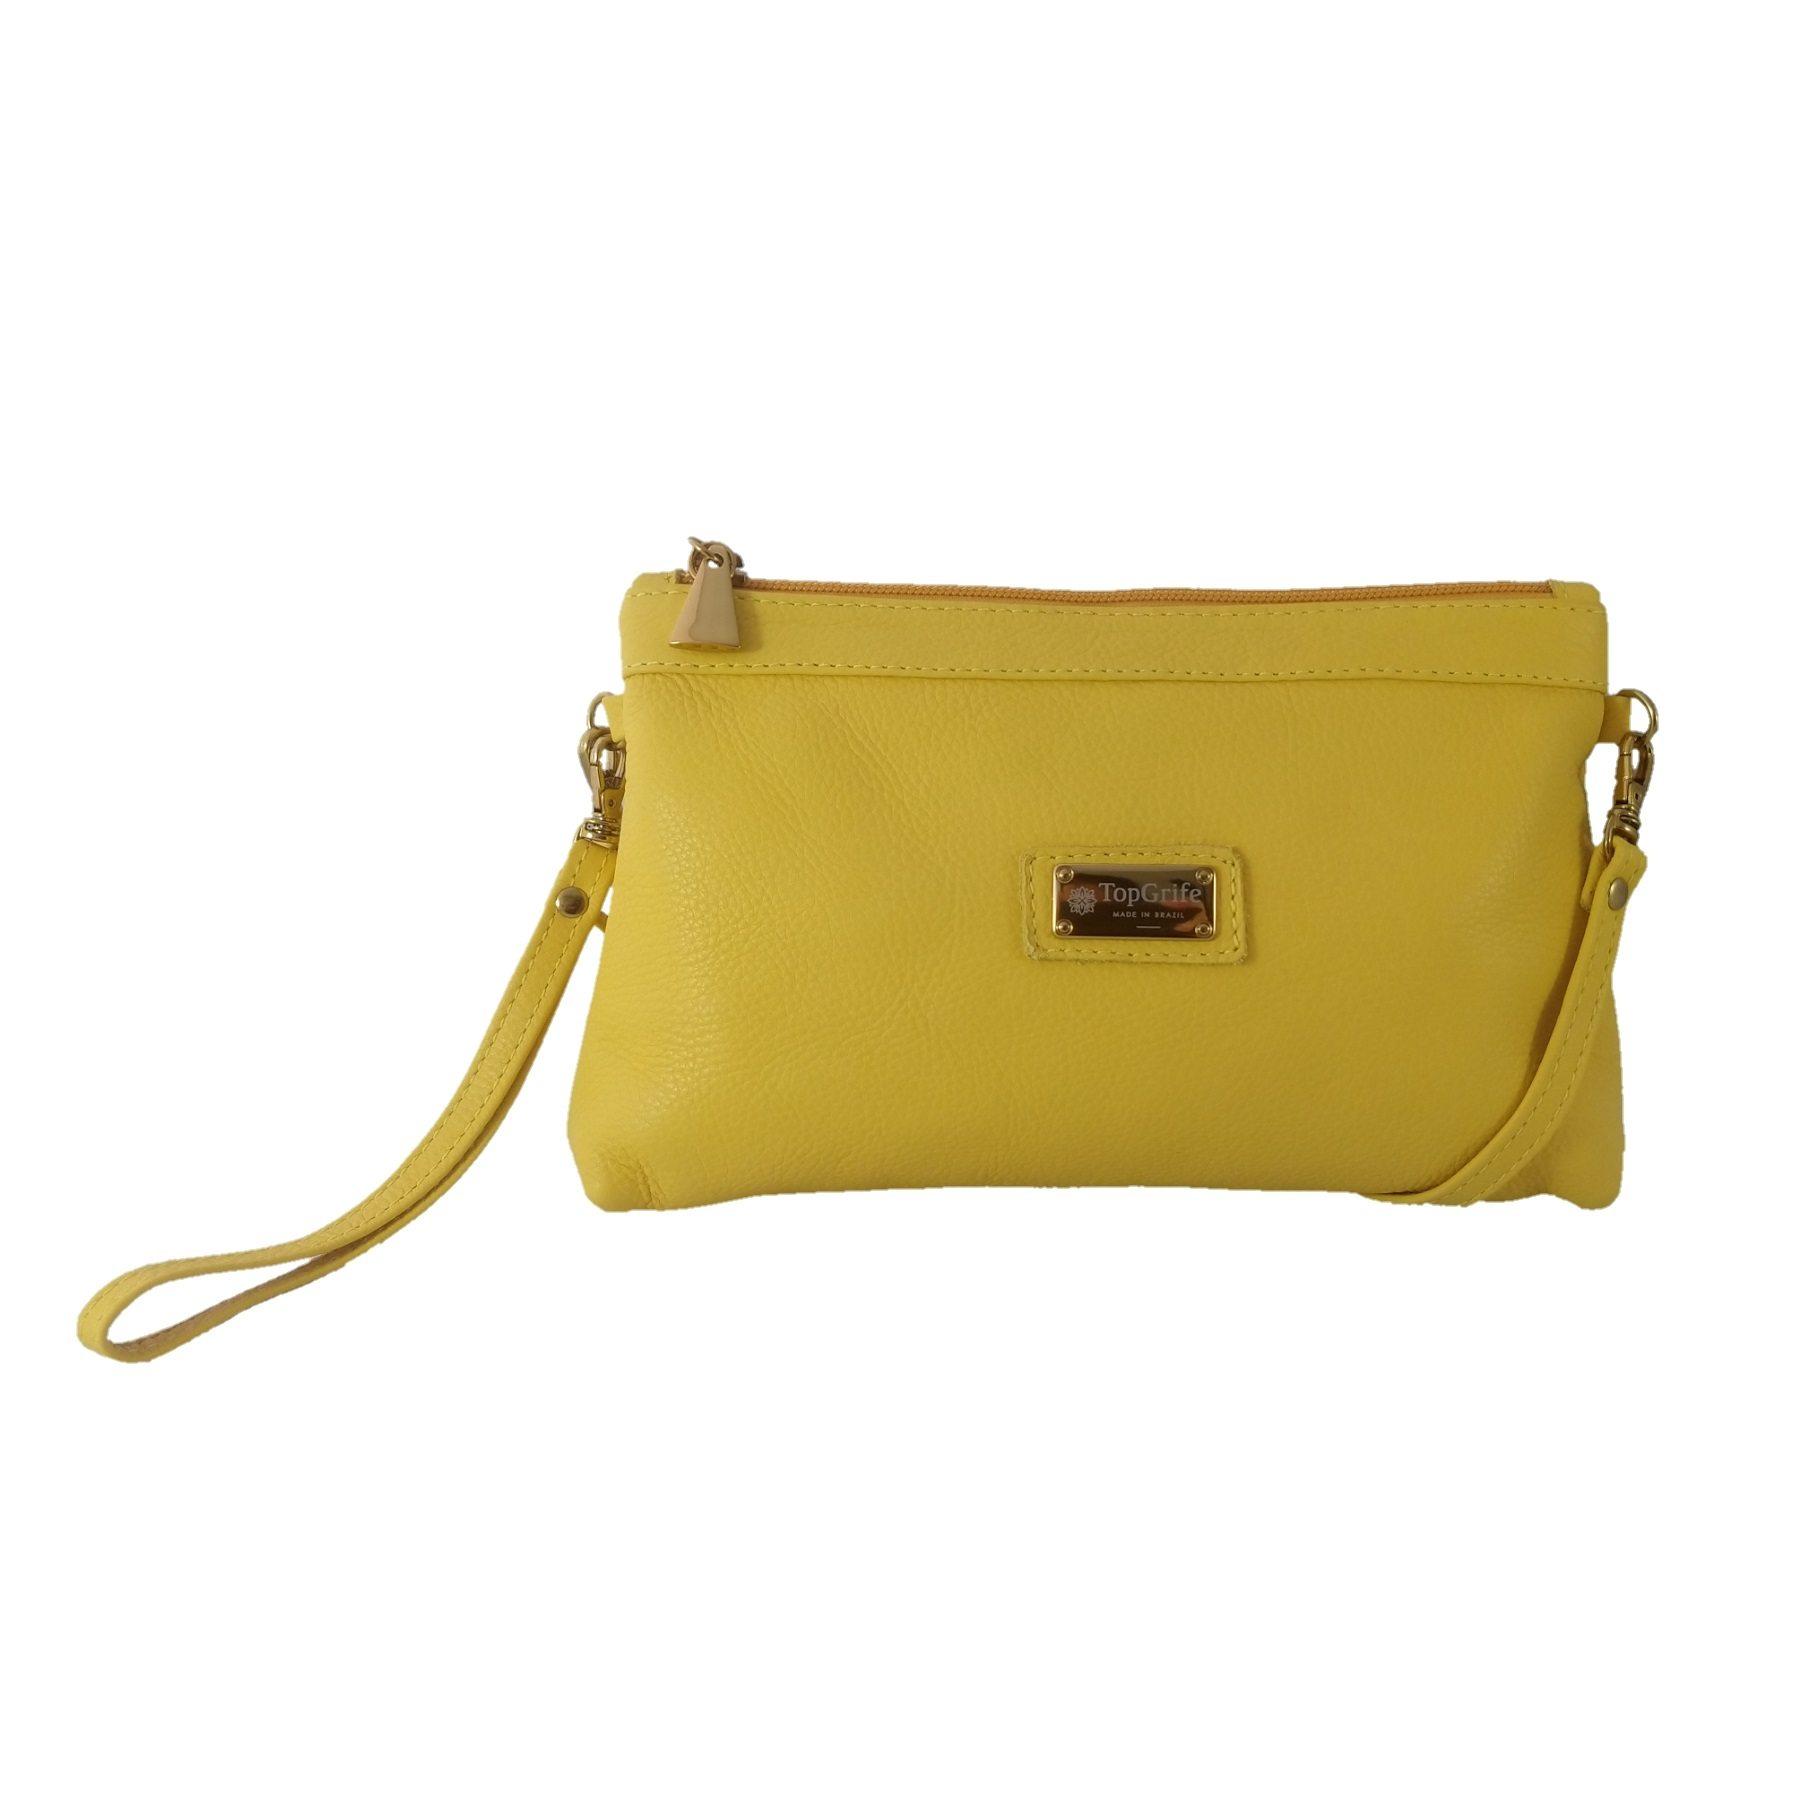 Bolsa Carteira Clutch TopGrife Transversal Couro Amarelo - Promoção  - SAPATOWEB.COM